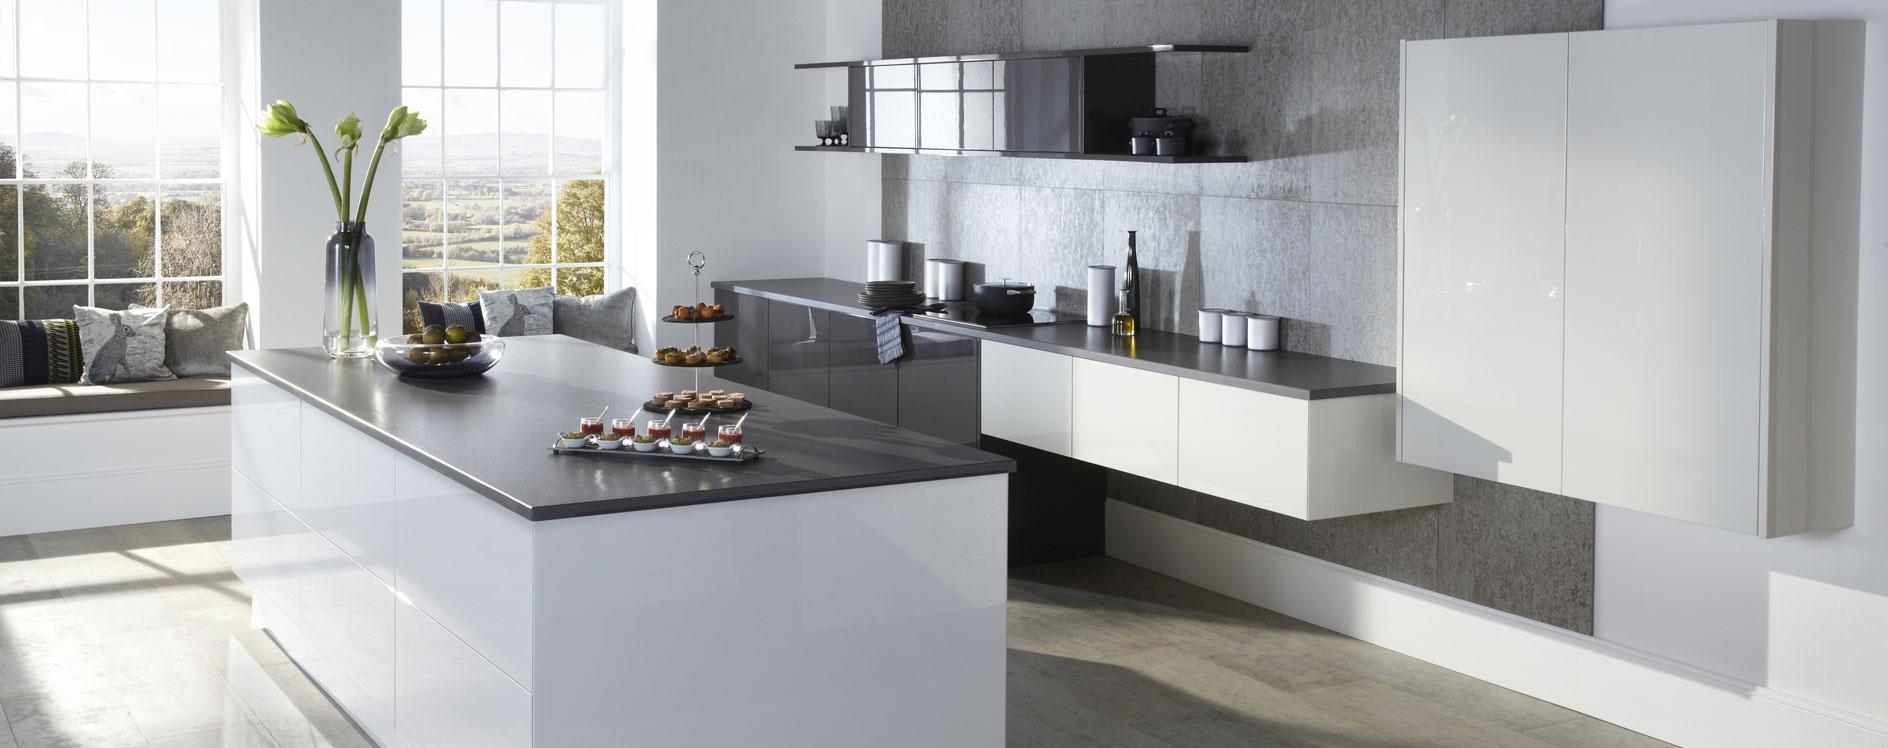 I home kitchens nobilia kitchens german kitchens for Kitchen designs gloss